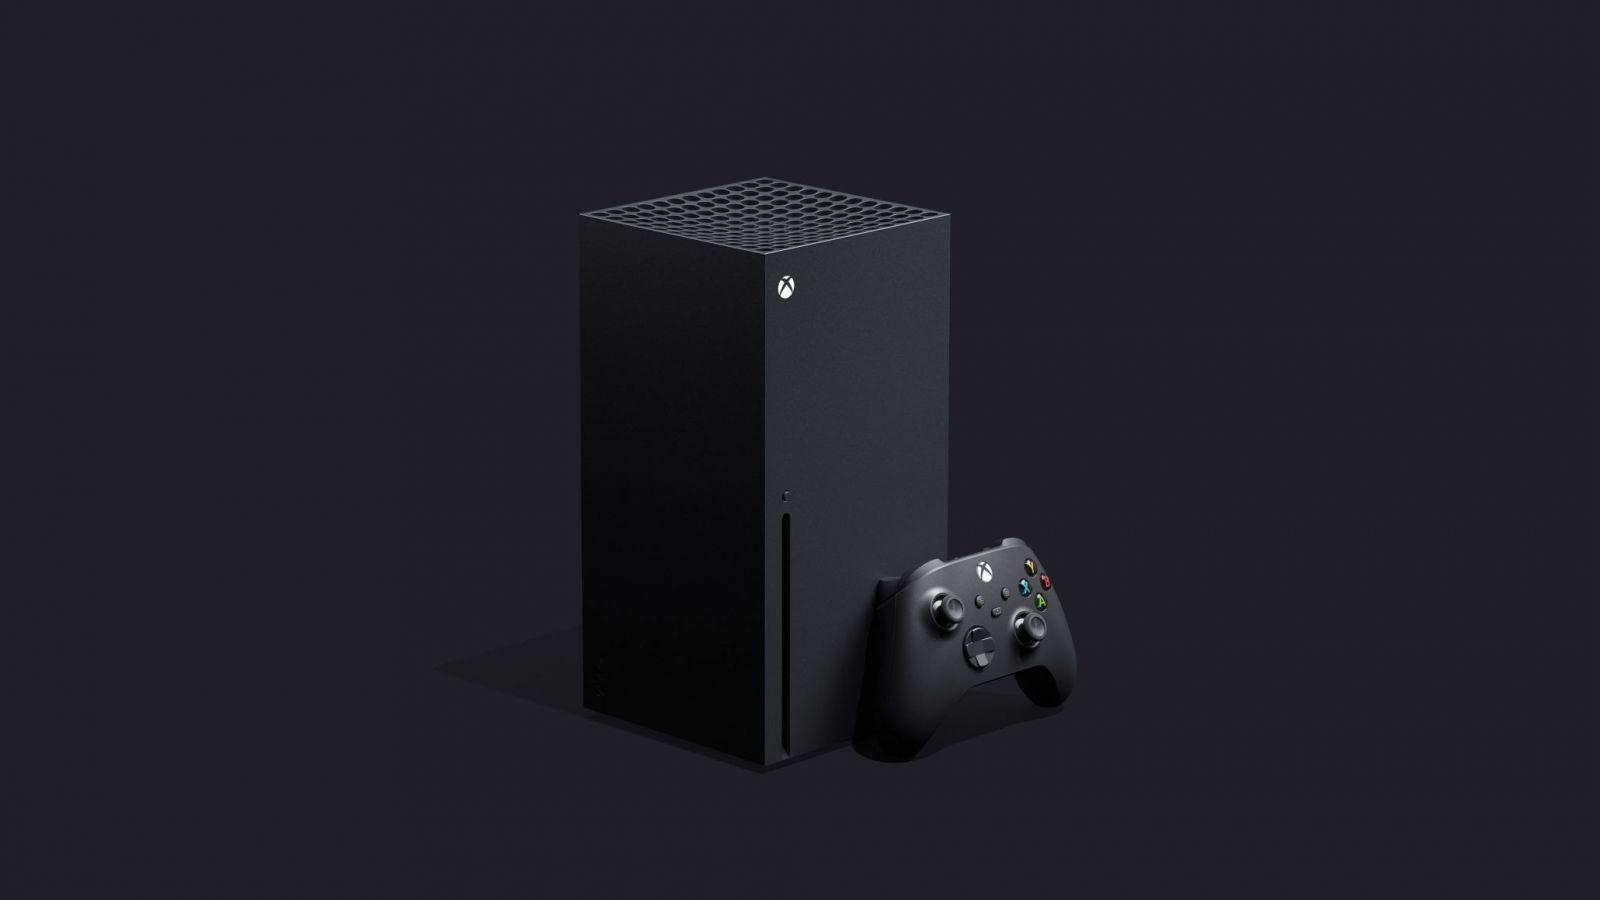 Microsoft naplno odhalil Xbox Series X. Pôjde o neskutočne silnú konzolu, v ktorej budeš môcť prepínať medzi viacerými hrami naraz